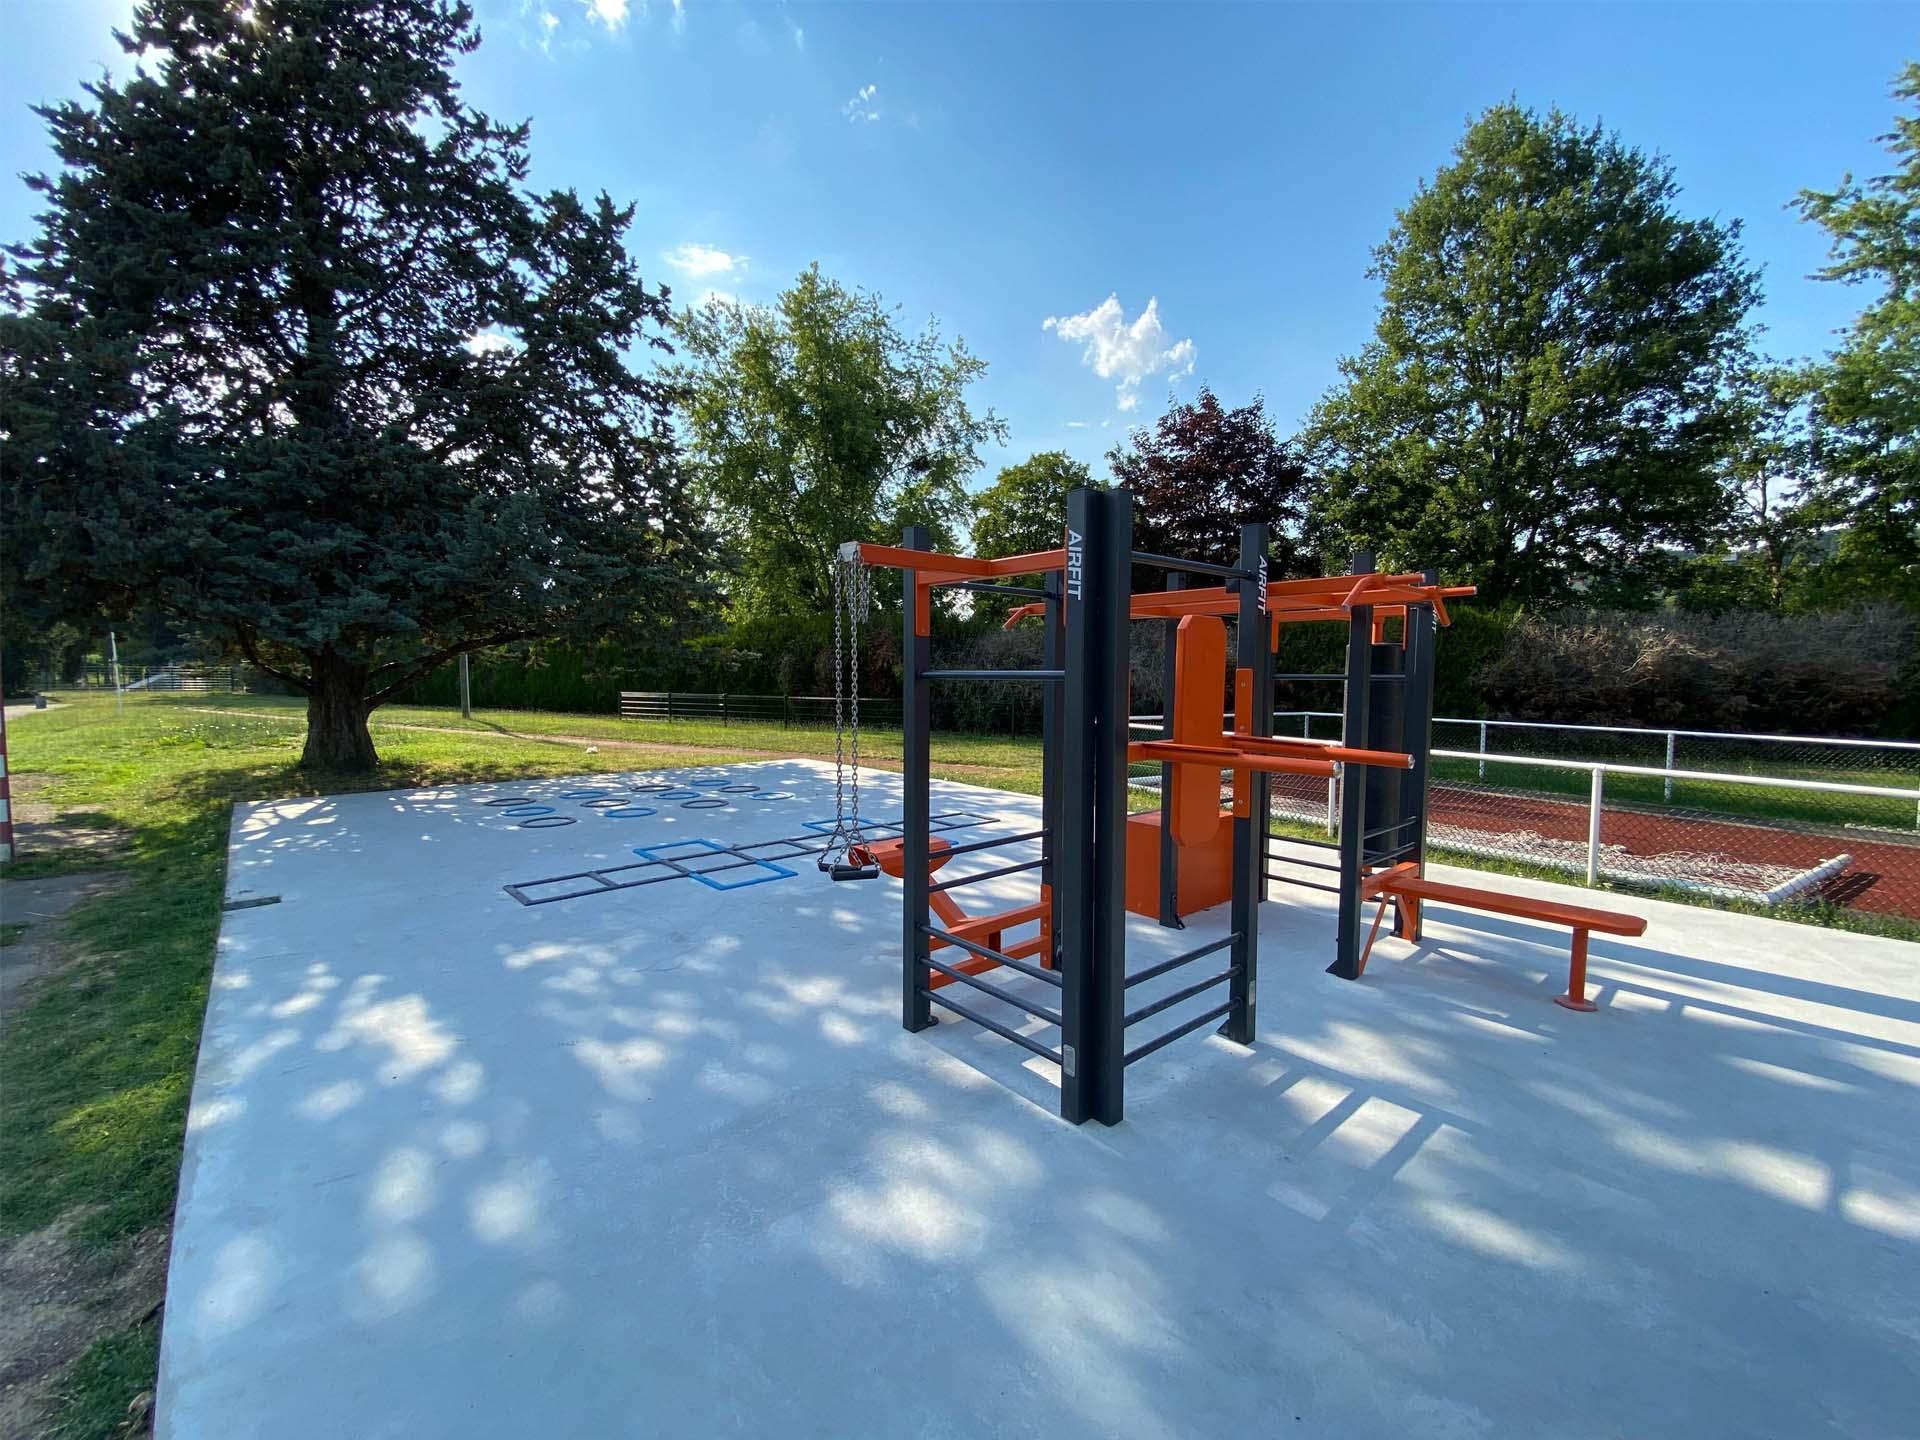 Photo du plateau sportif d'Orsay au Parc Municipal des Sports